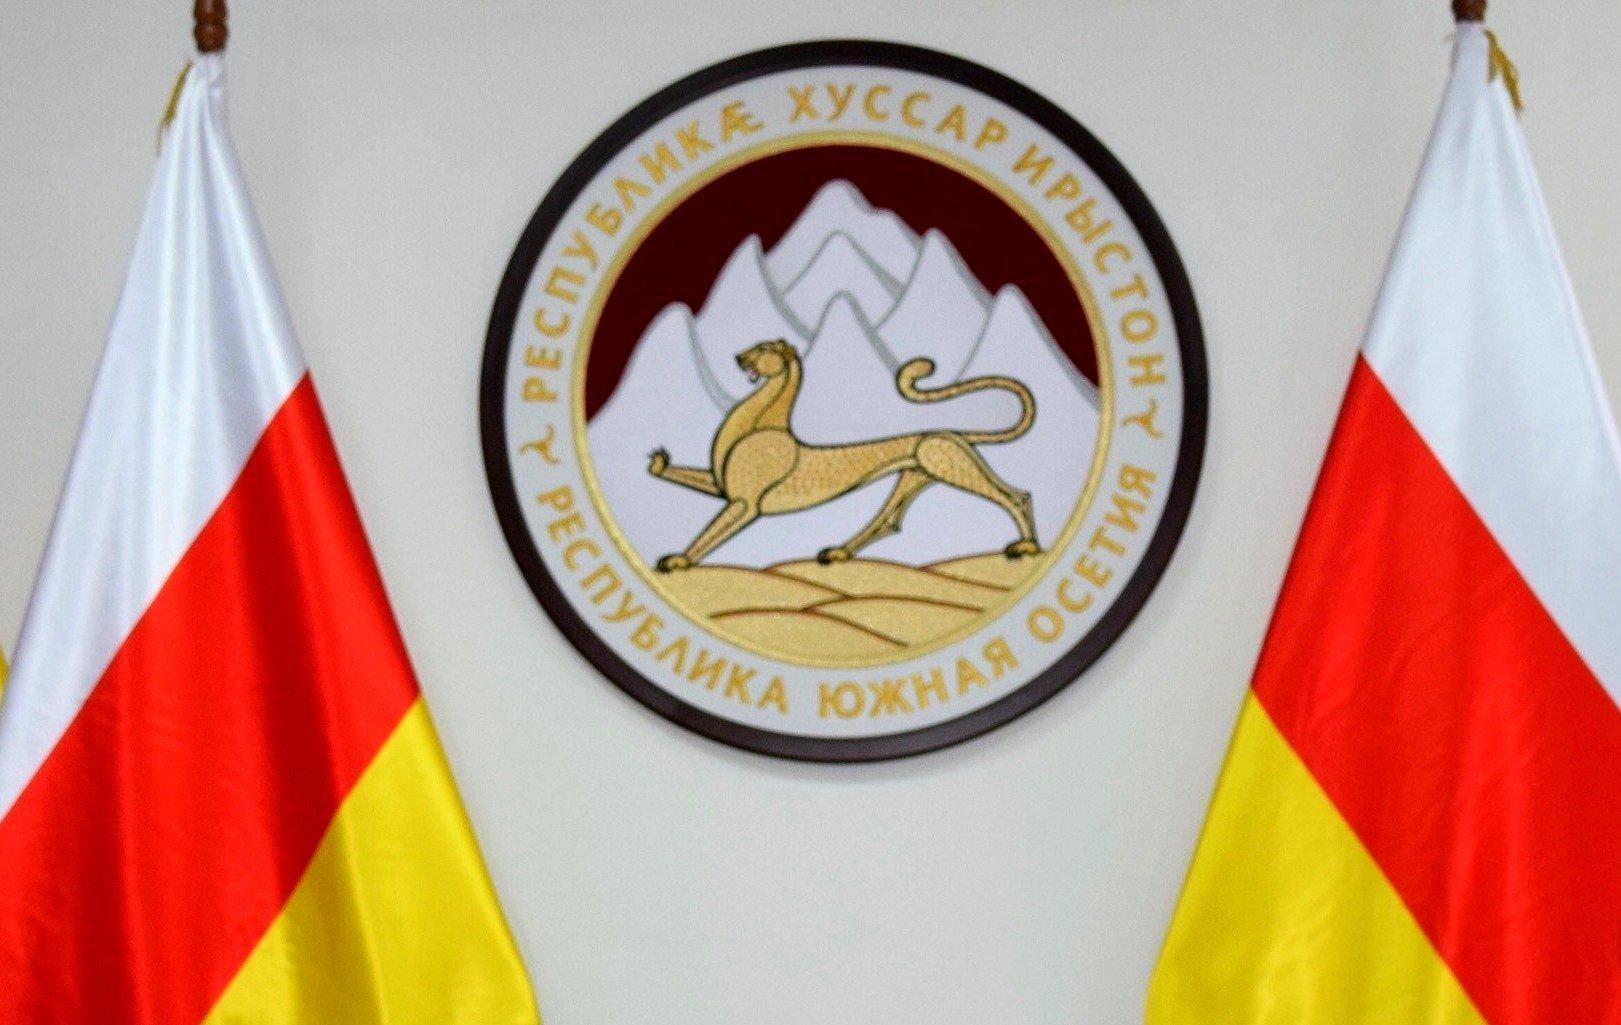 Информационное сообщение в связи с обстановкой на государственной границе РЮО